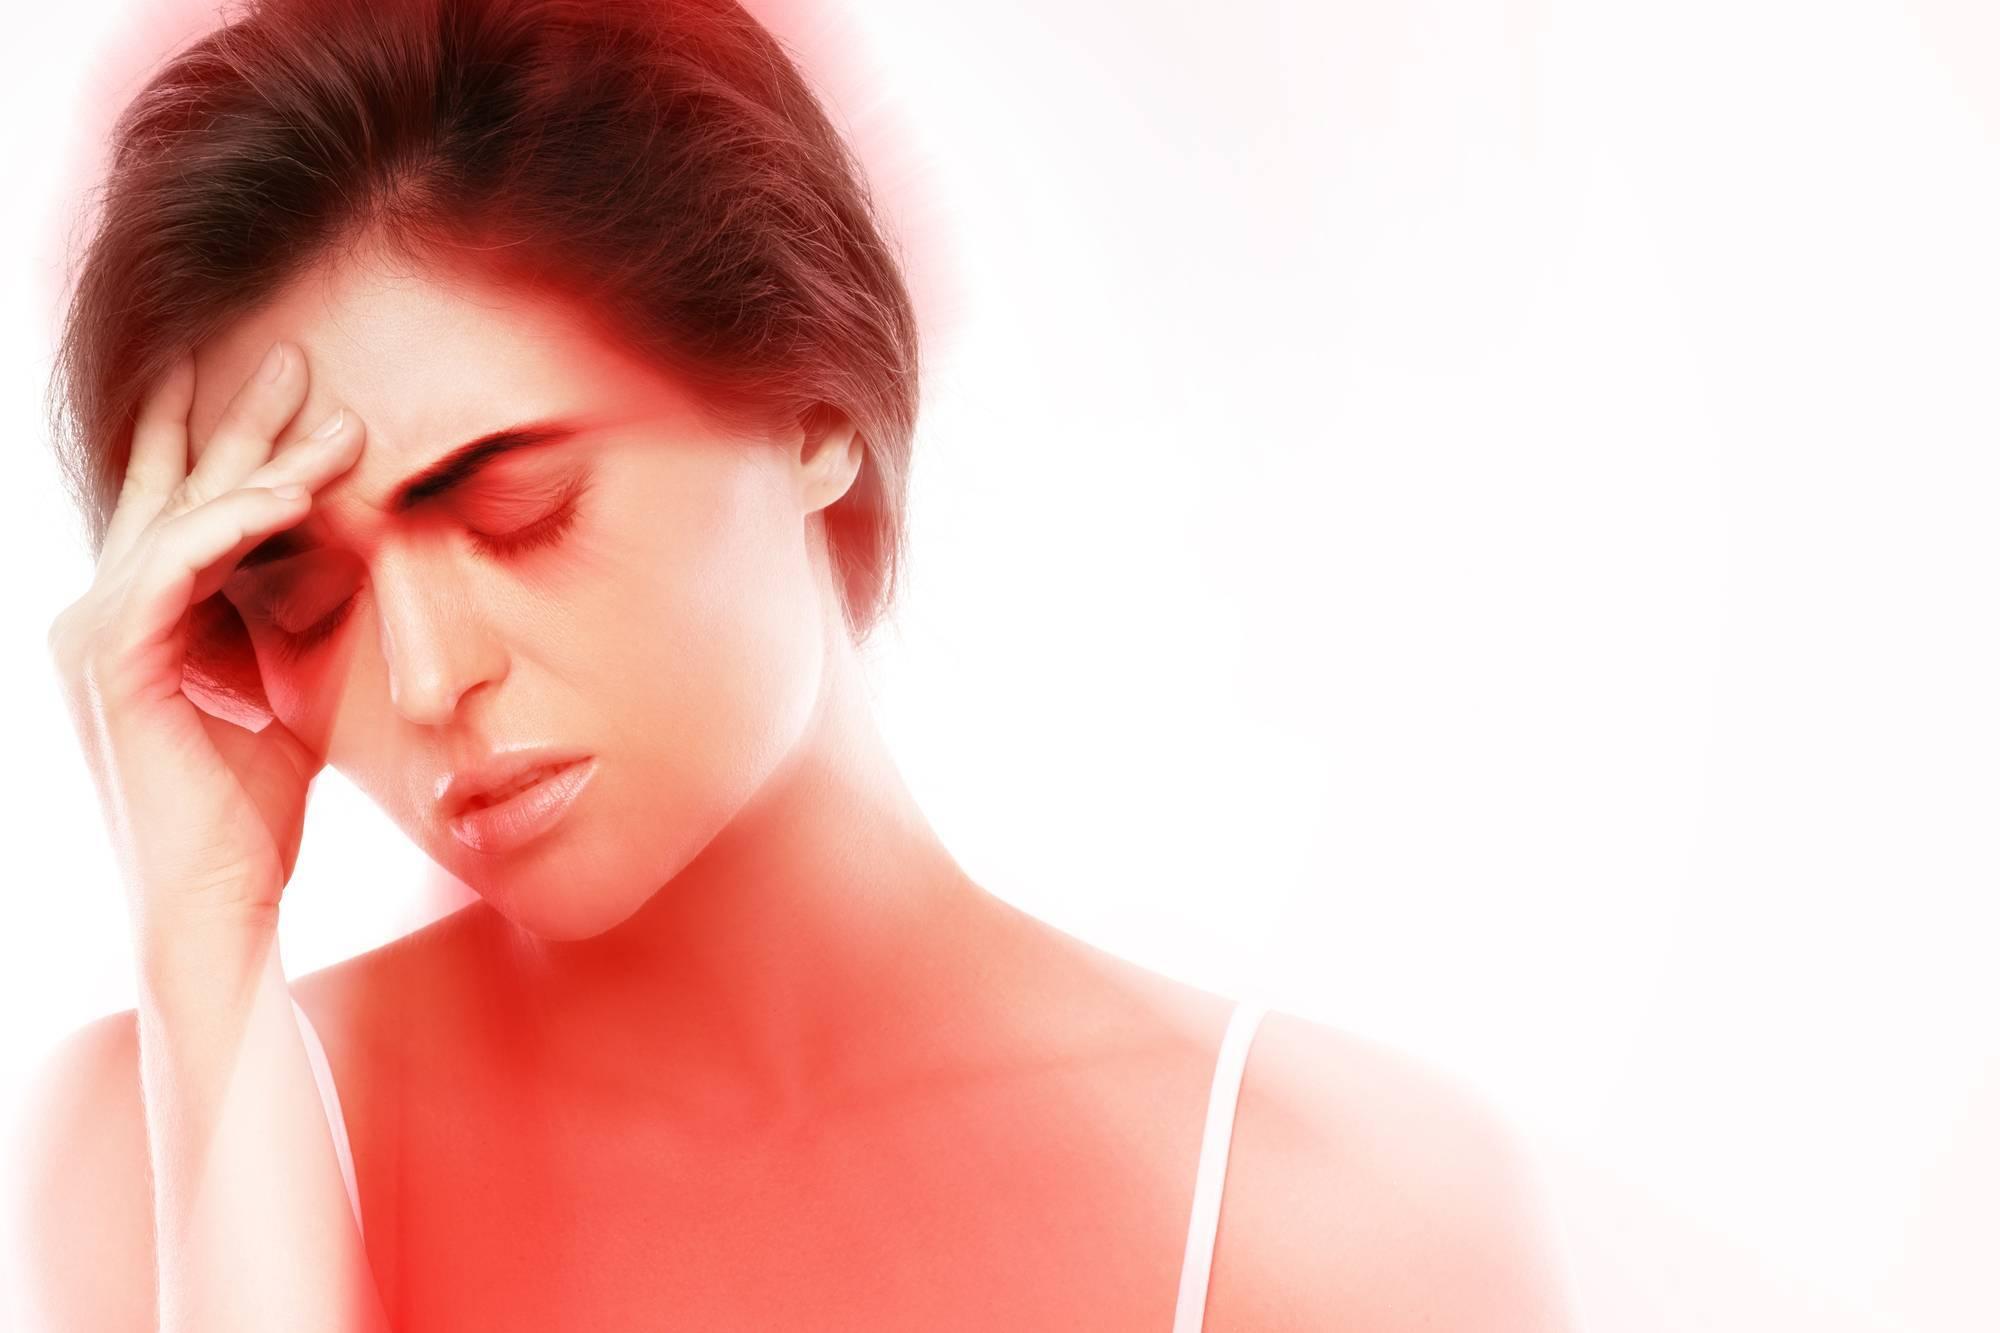 Совместимость стрезама и спиртных напитков: возможная сильная головная боль и тахикардия | medeponim.ru